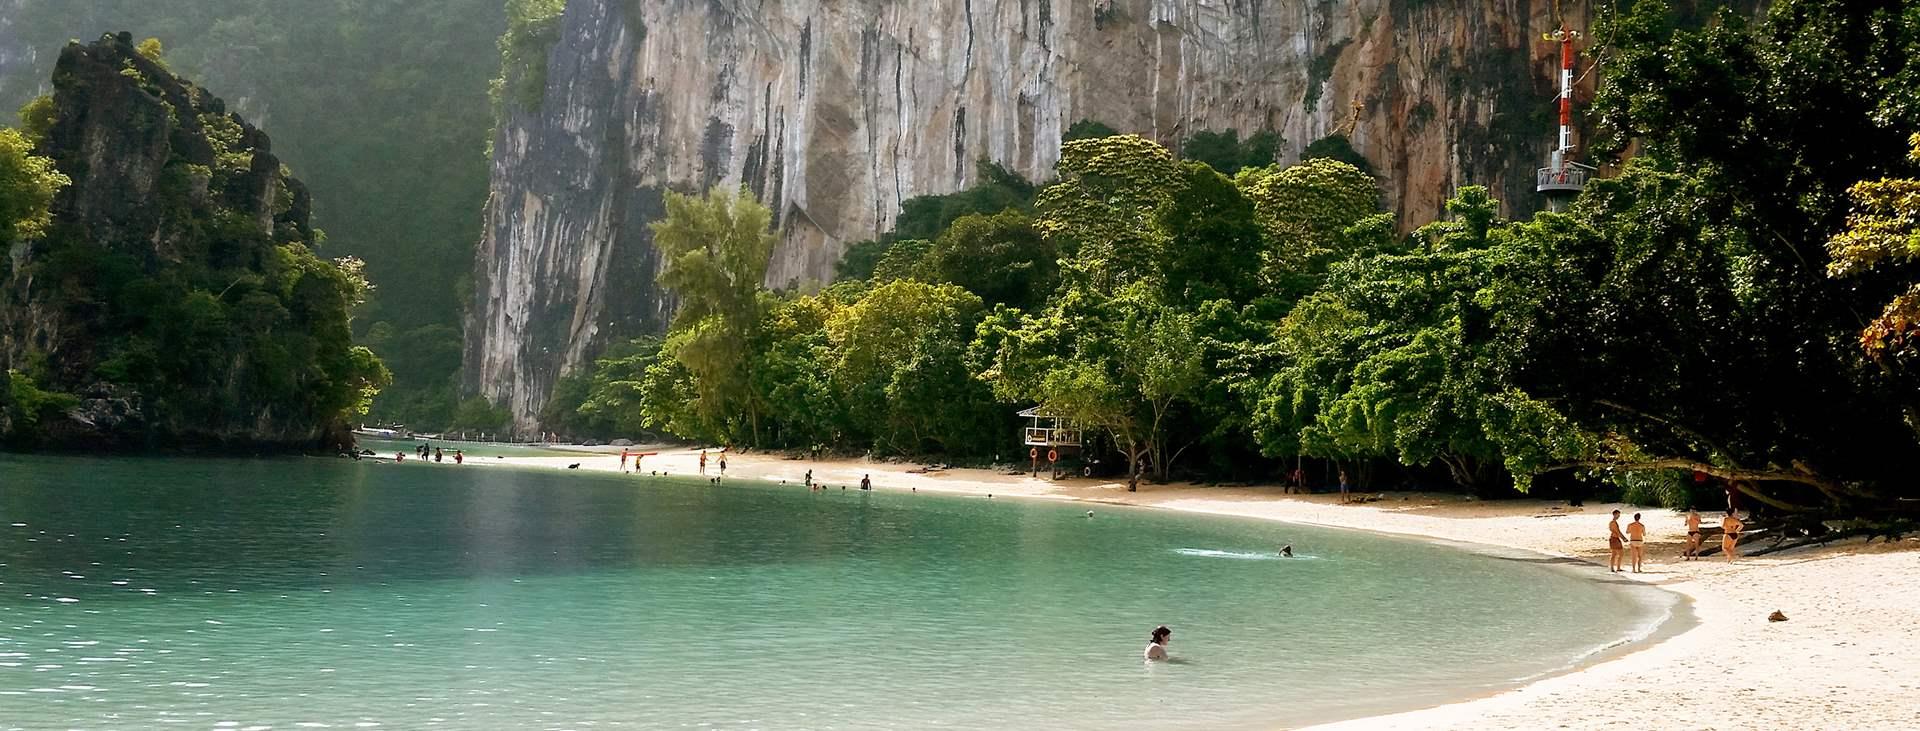 Bestill en reise til solsikre Thailand